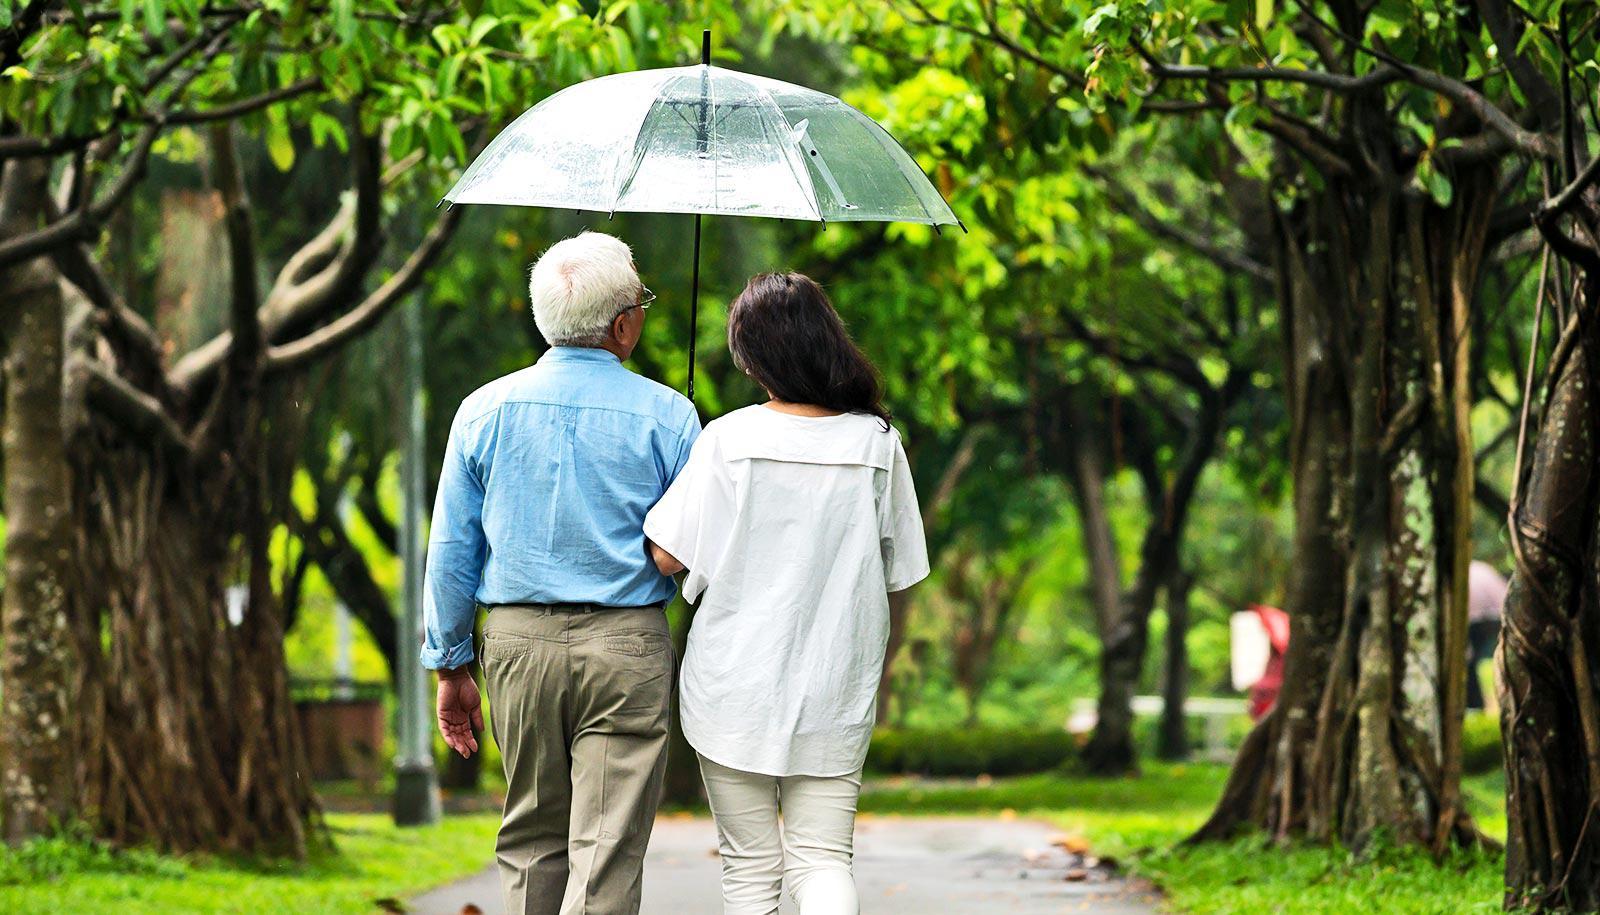 An older couple walks through a park with an umbrella